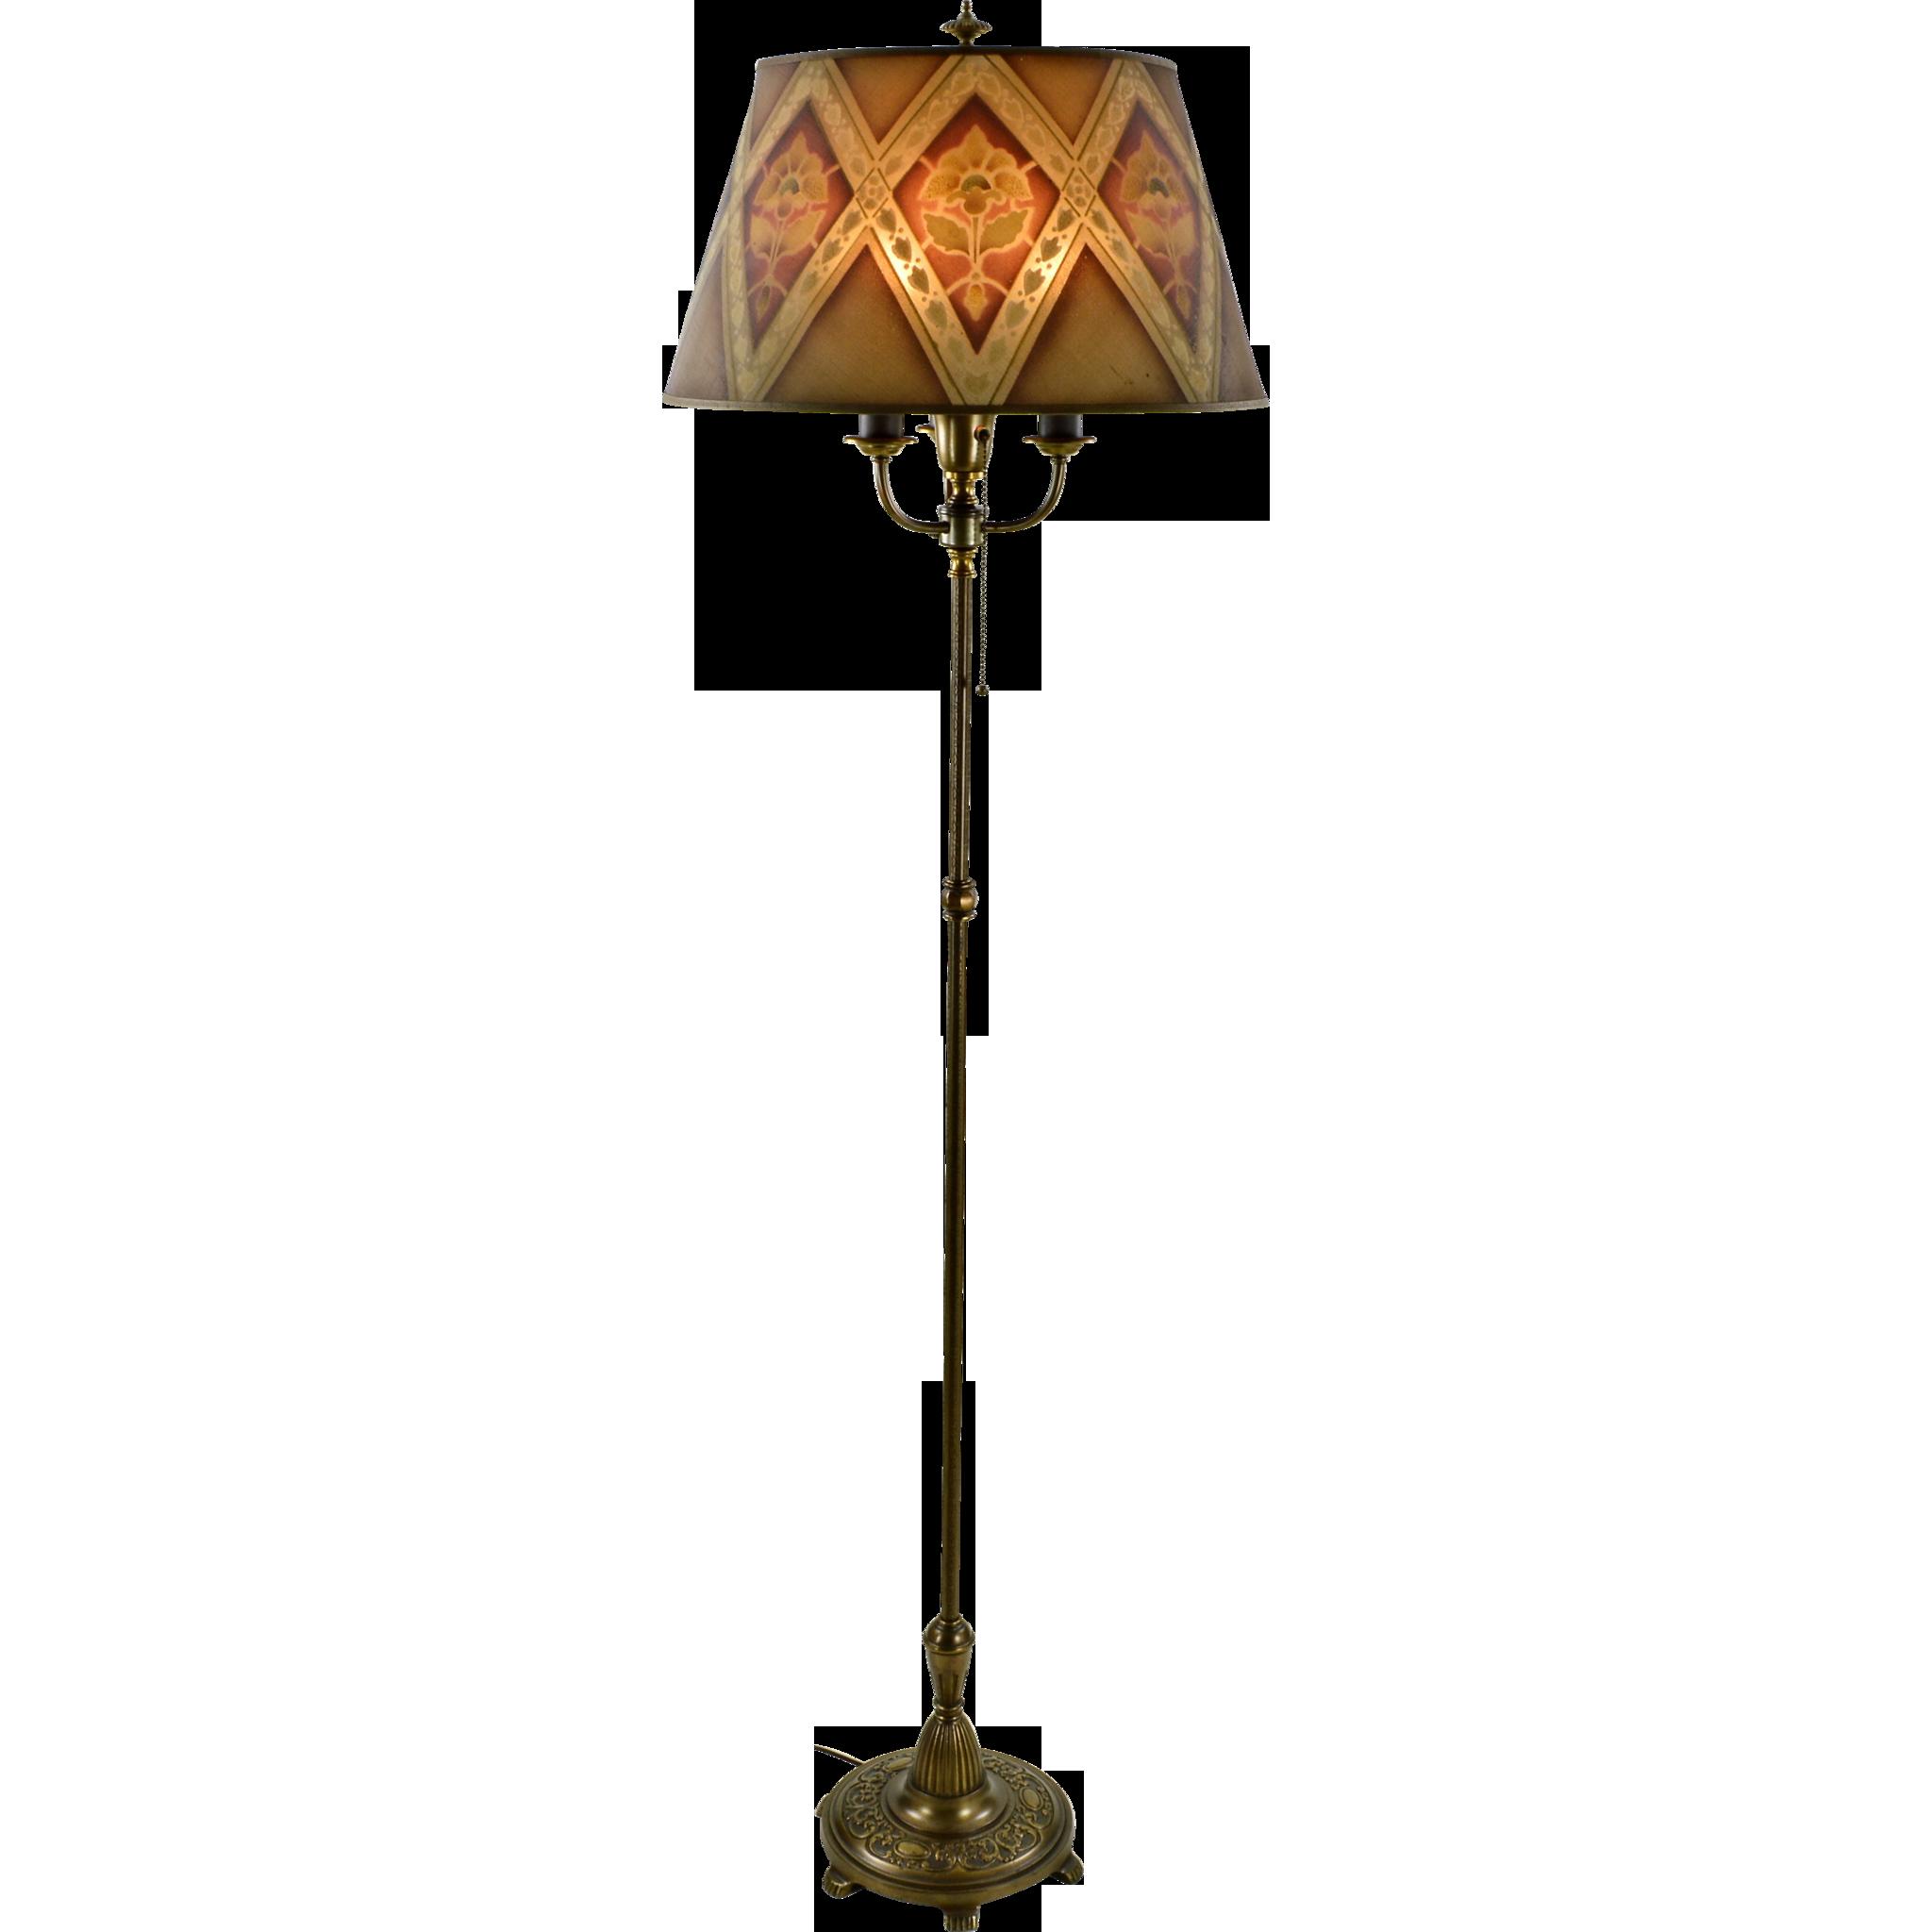 Vintage Rembrandt Floor Lamp Mesh Shade Lamp Floor Lamp